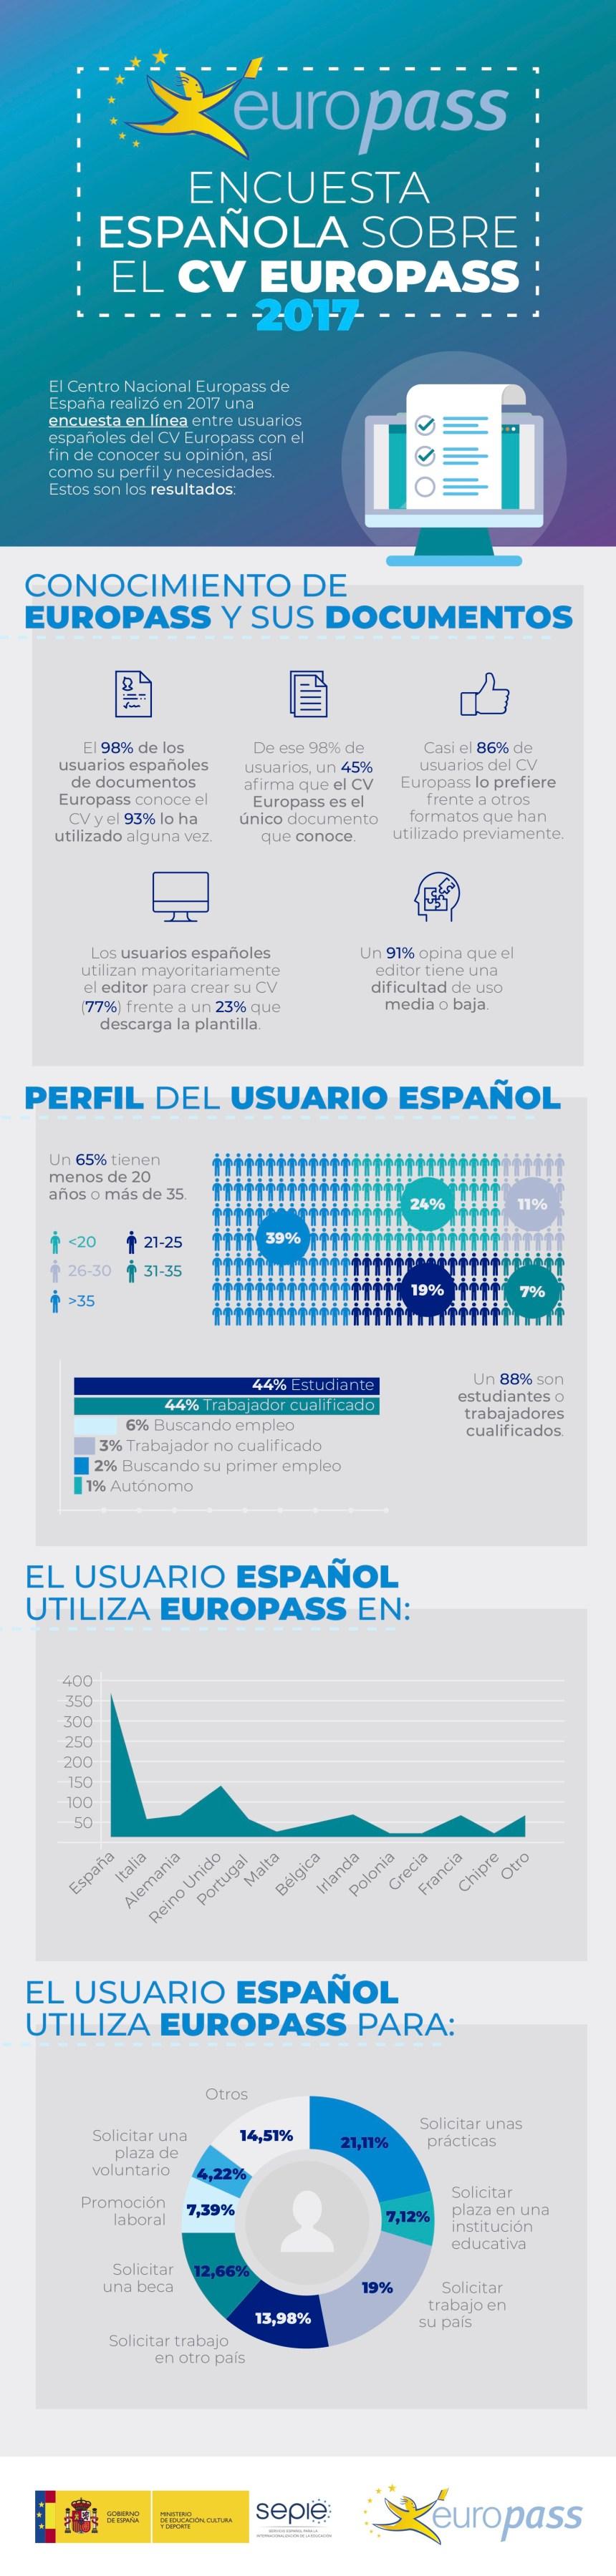 Cómo usamos los españoles el currículum Europass